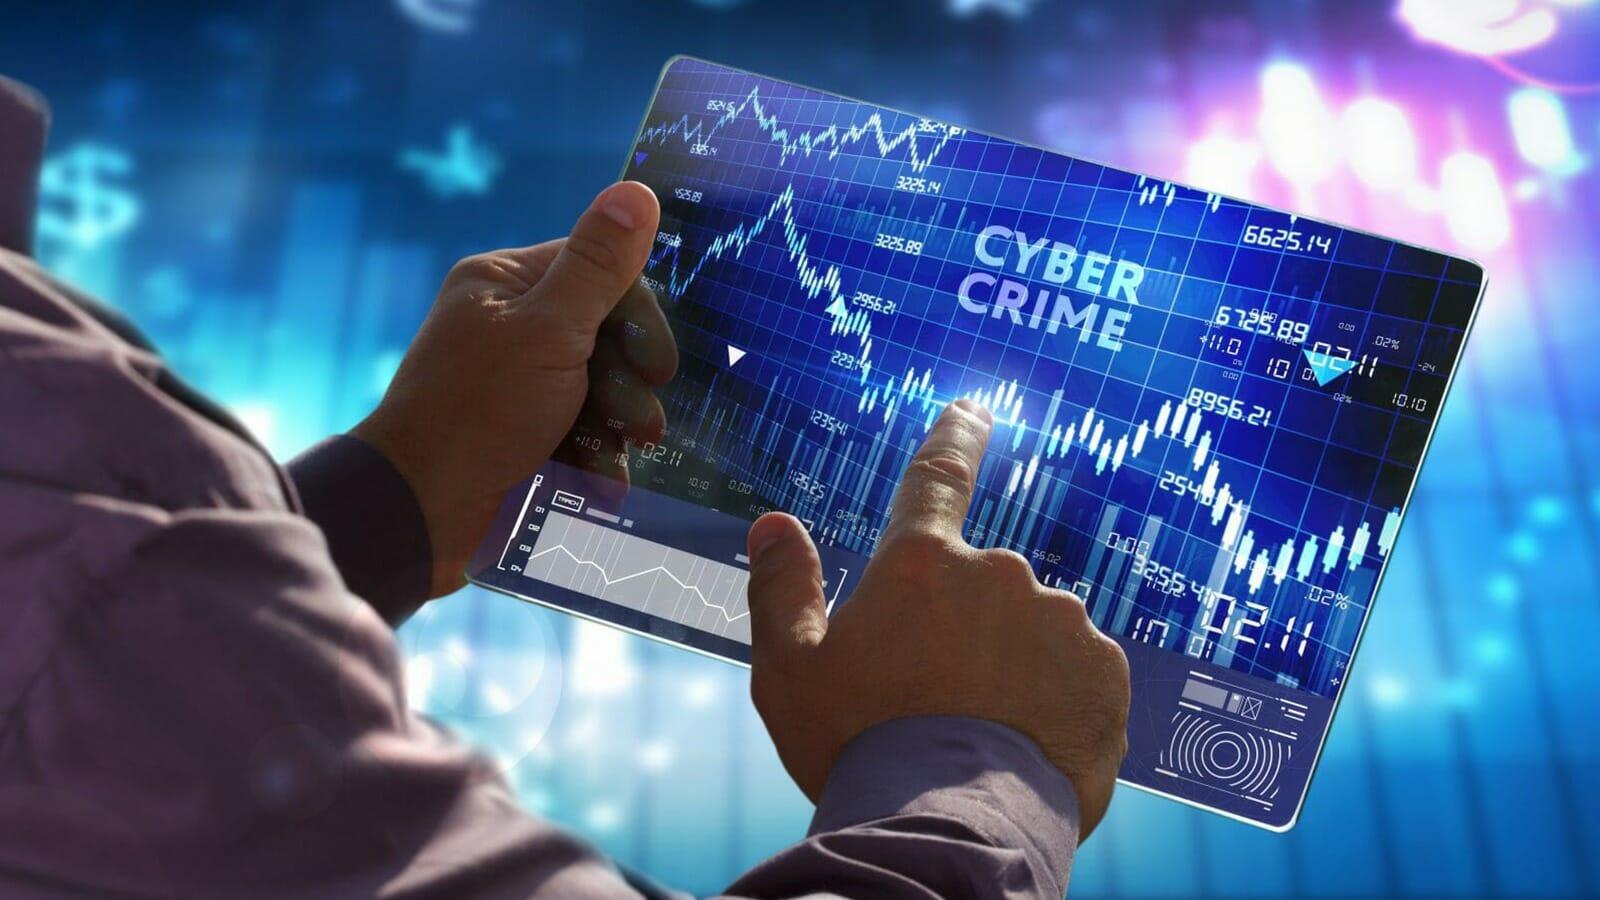 Goedkoopste cyberverzekering